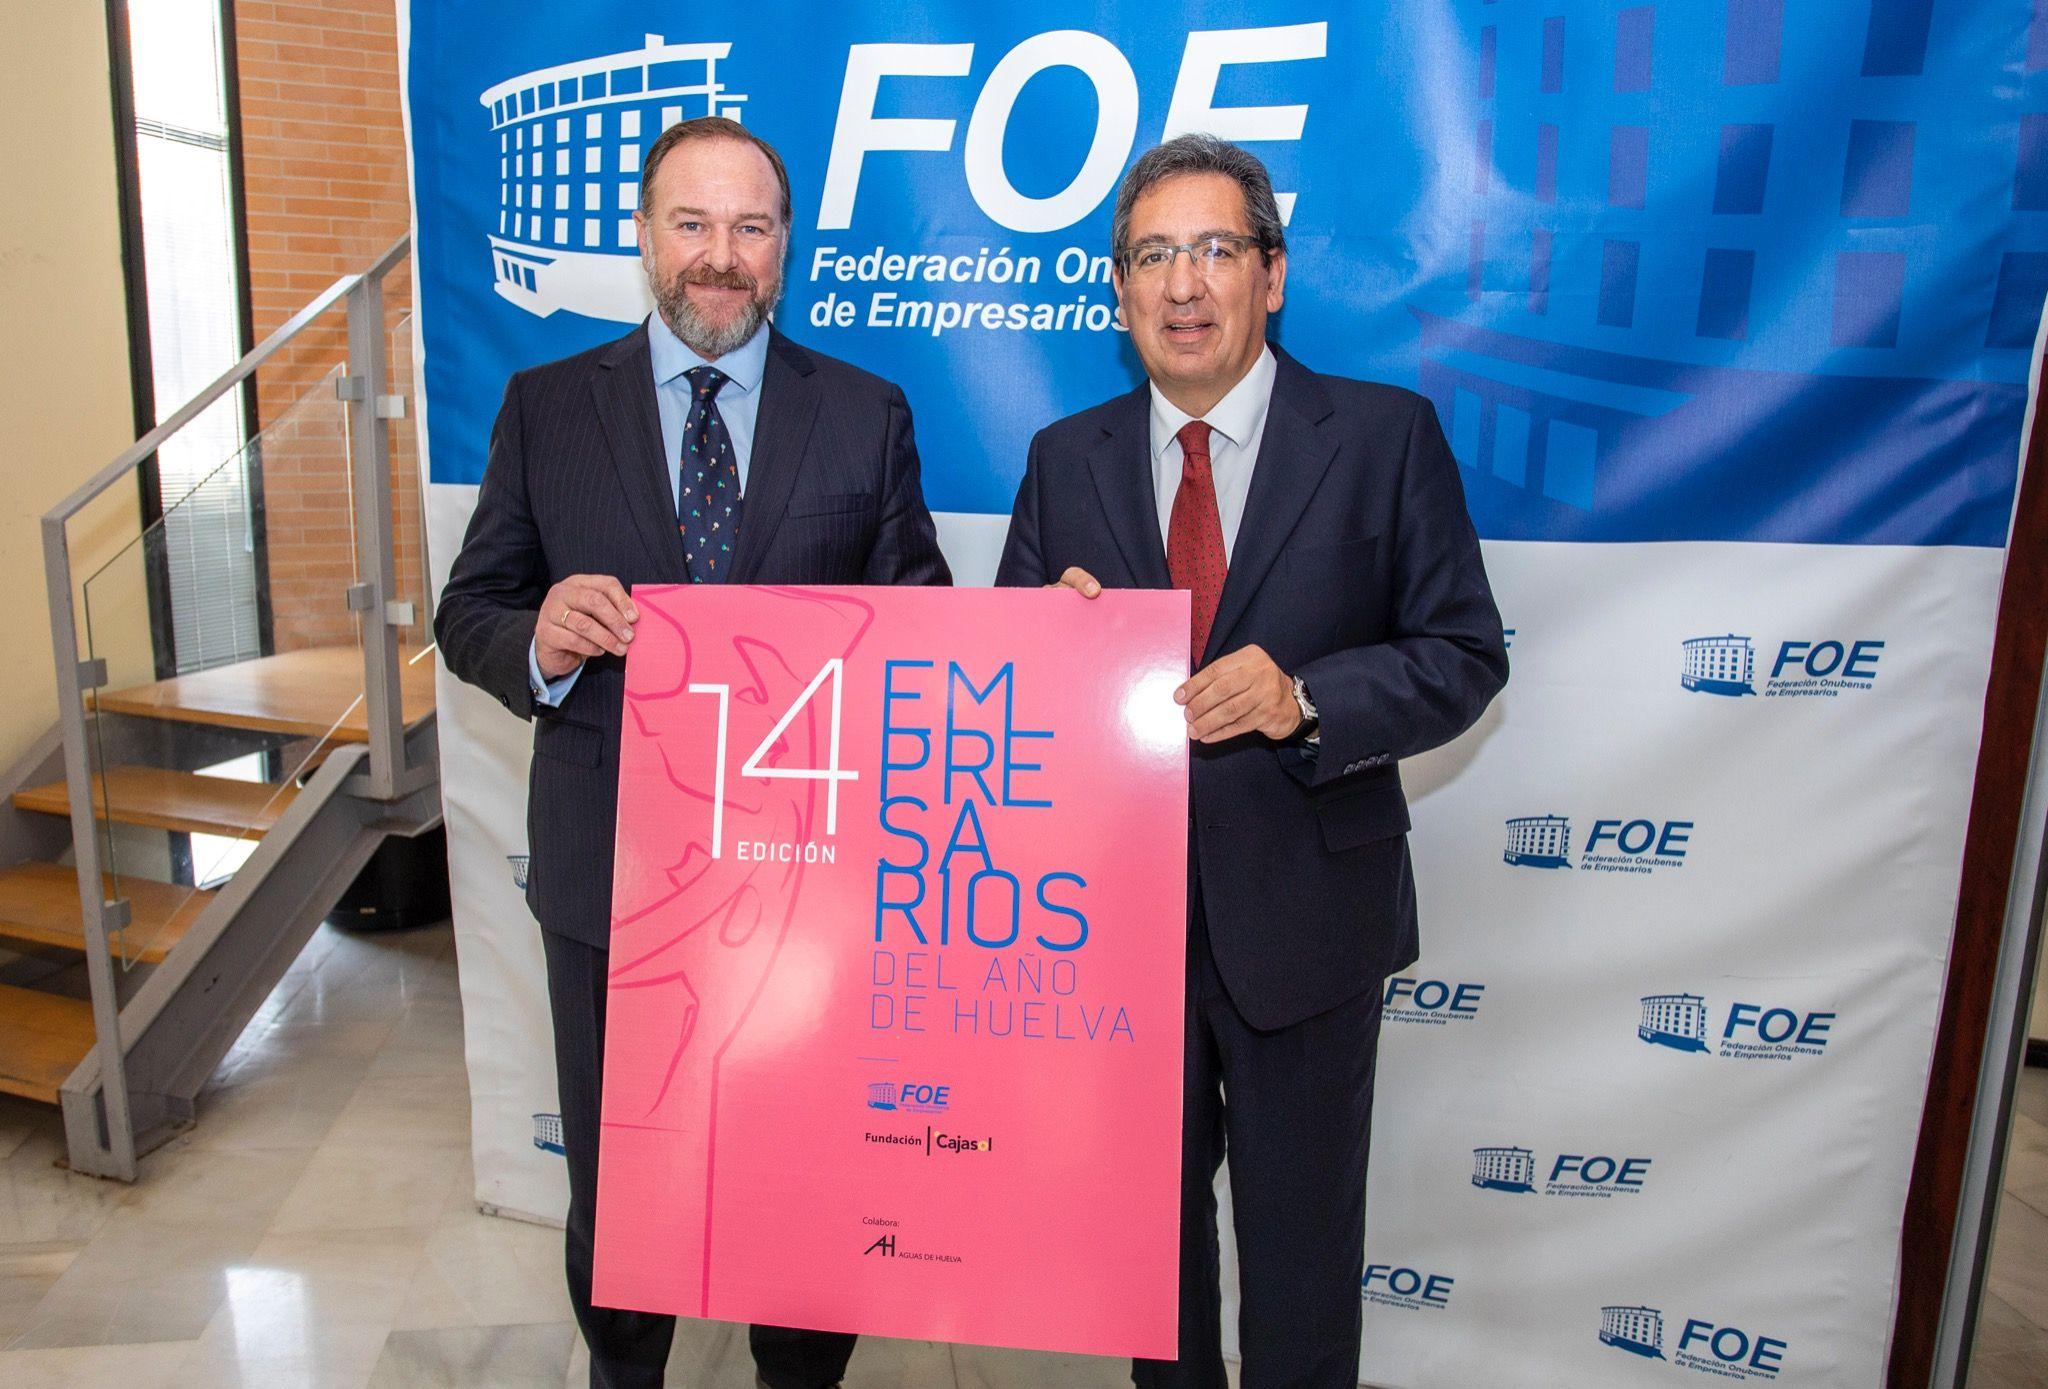 FOE - Antonio Pulido